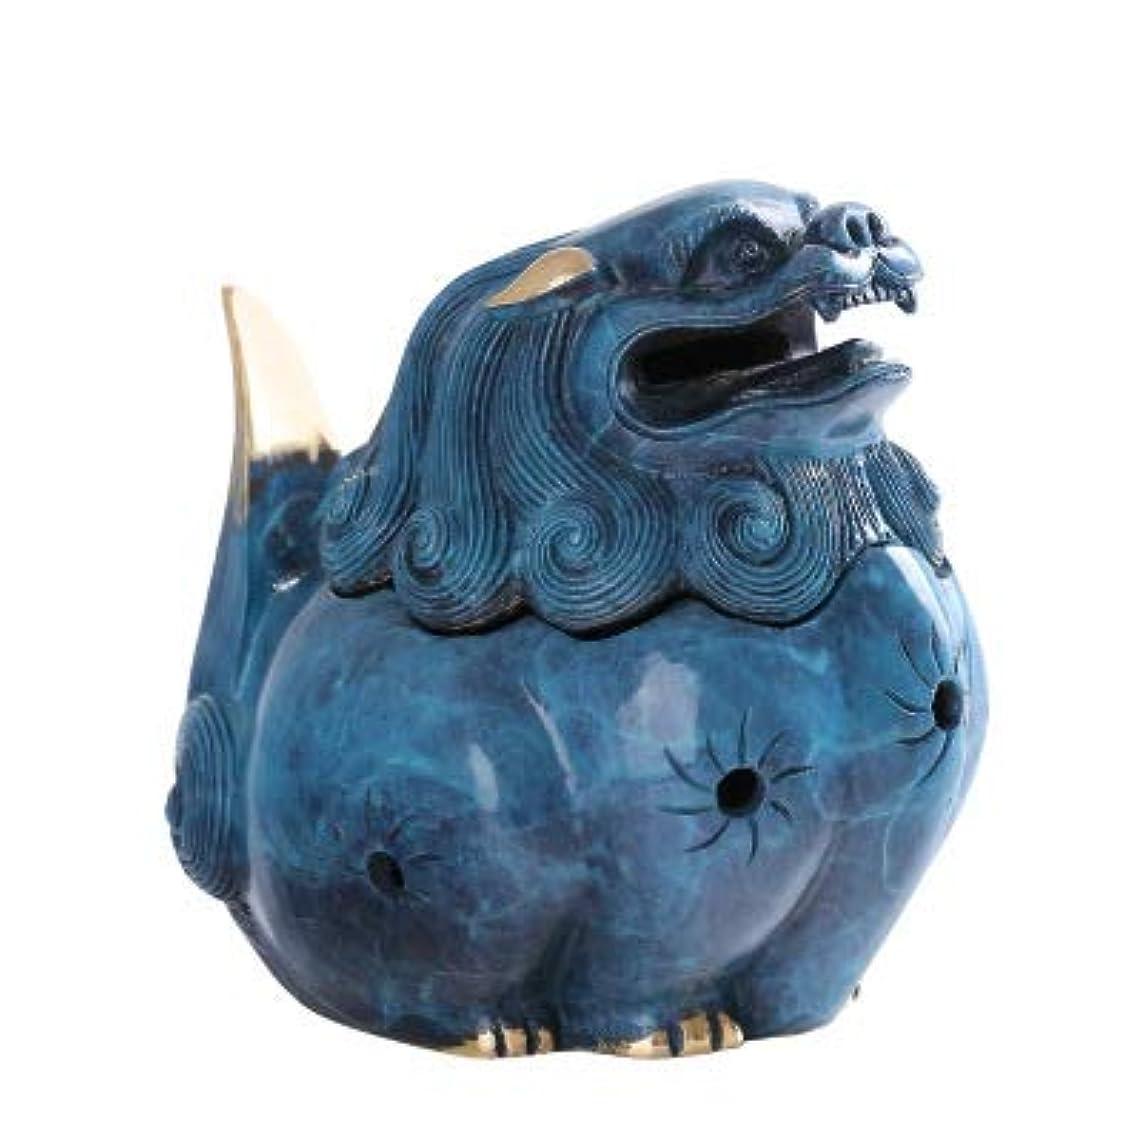 キャッチリフレッシュ宿命PHILOGOD 陶器香炉 ストーンライオンスタイリング仏壇用香置物 逆流香 倒流香 香皿